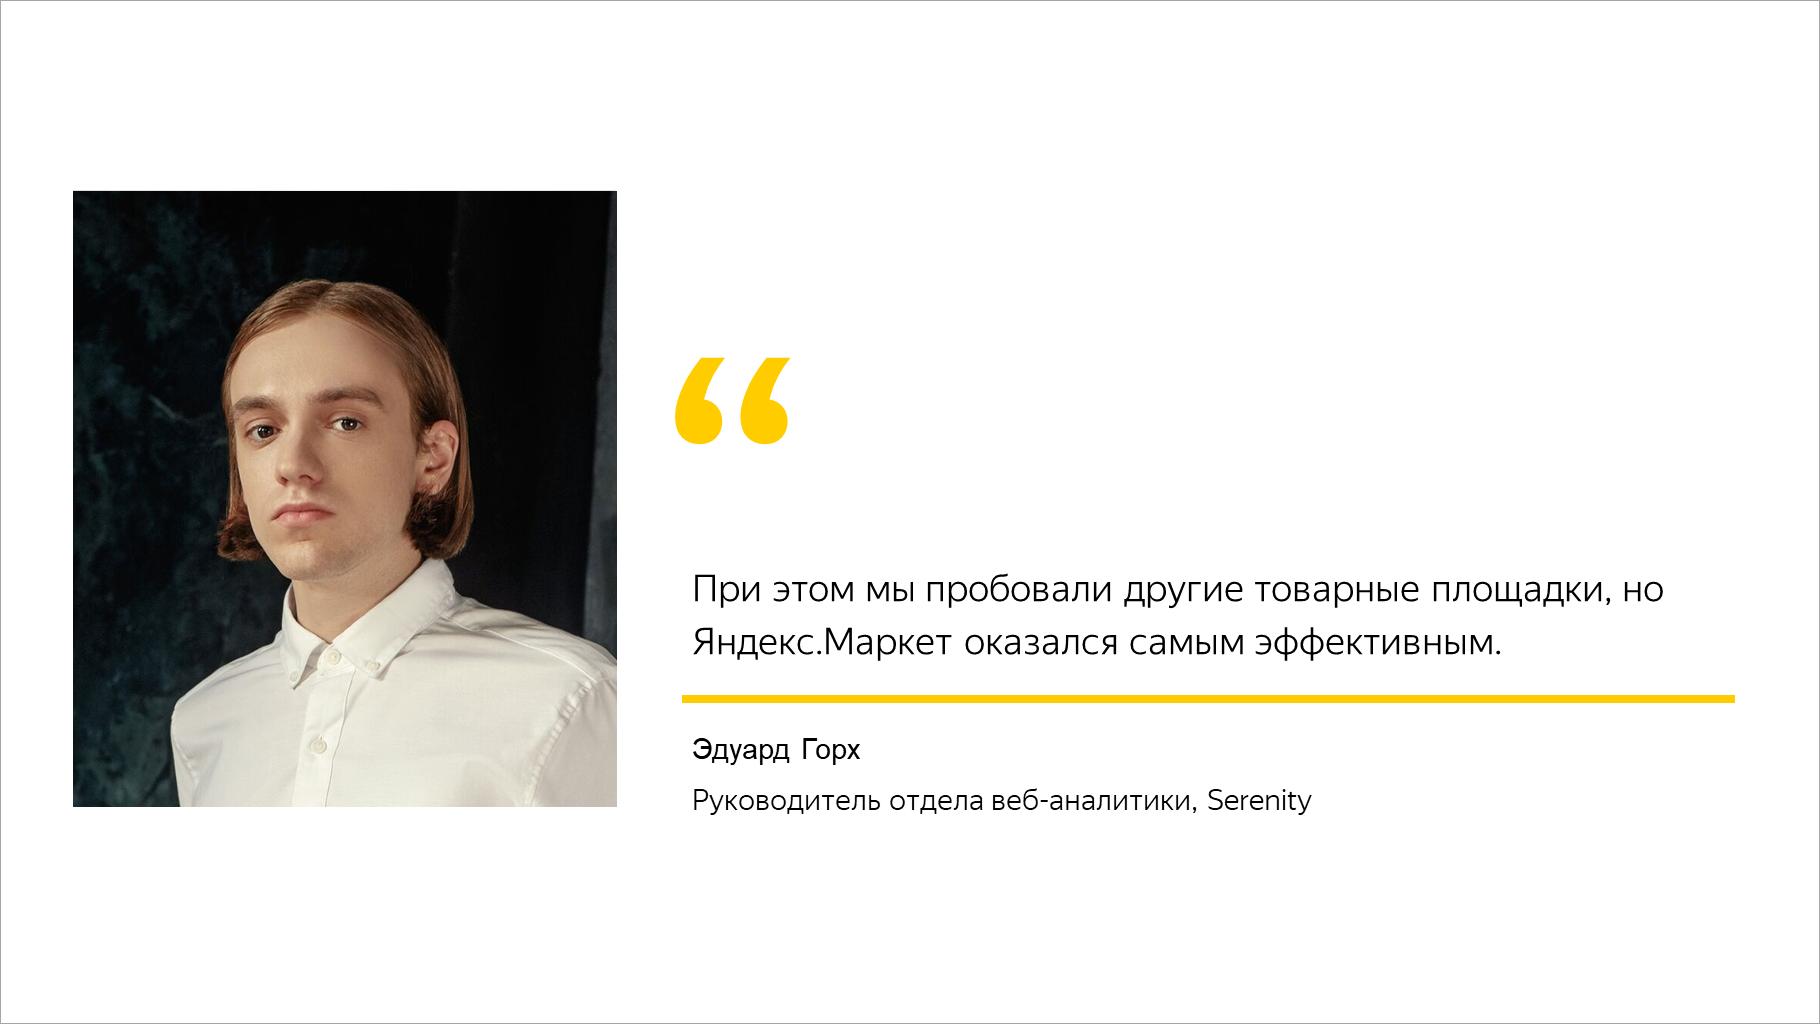 При этом мы пробовали другие товарные площадки, но Яндекс.Маркет оказался самым эффективным.